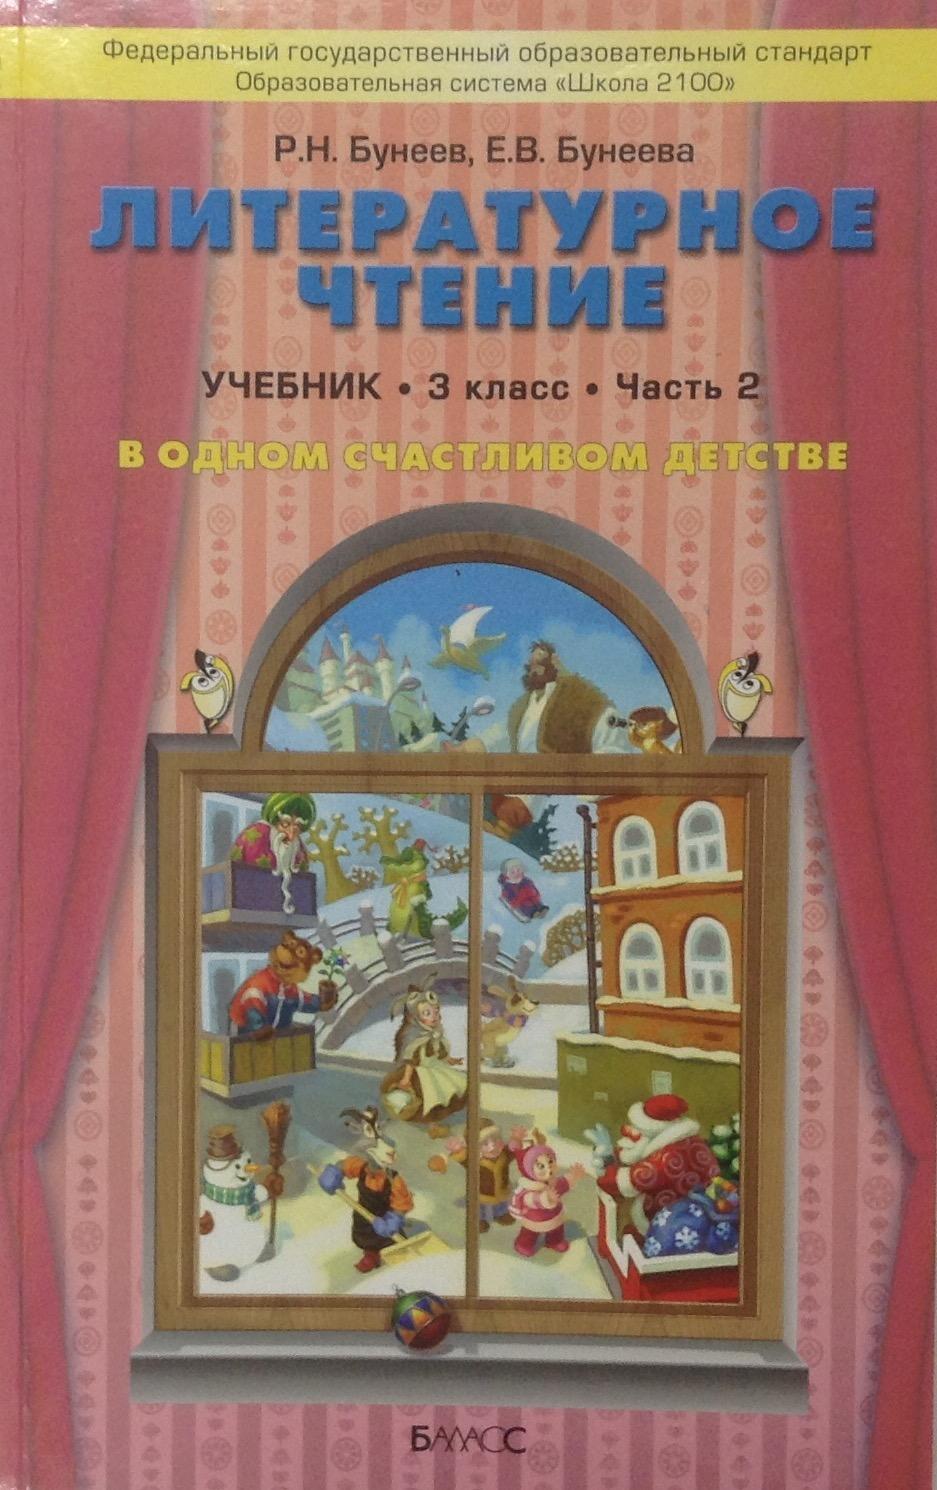 гдз по литературе р.н. бунеев,е.в. бунеева за 3 класс